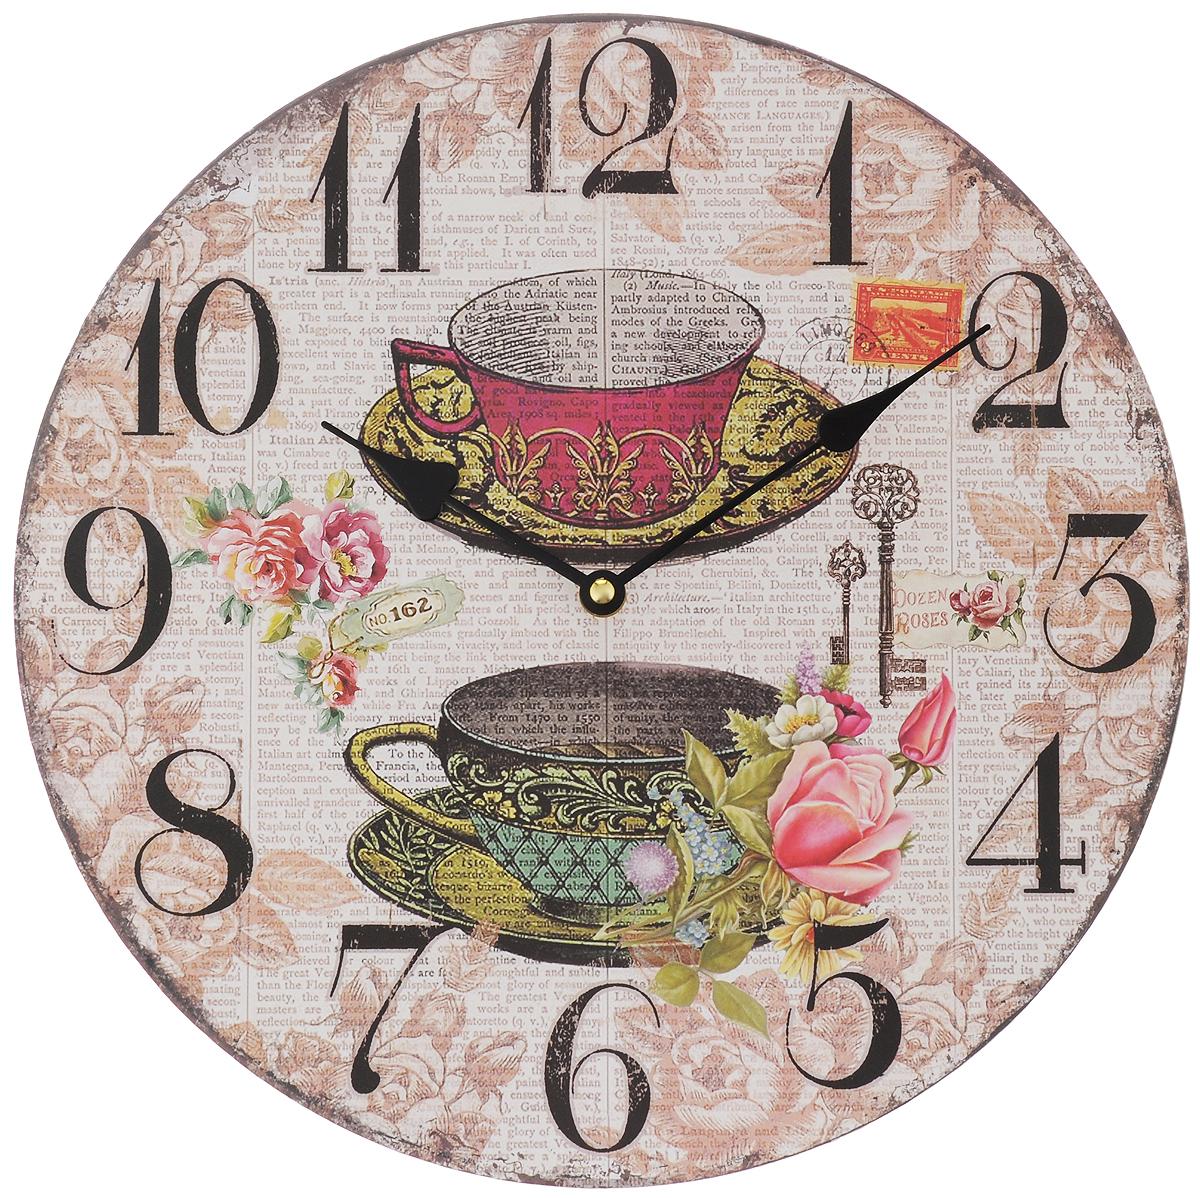 Часы настенные Феникс-Презент Чашки, диаметр 34 см40708Настенные часы круглой формы Феникс-Презент Чашки, выполненные из МДФ, своим эксклюзивным дизайном подчеркнут оригинальность интерьера вашего дома. Циферблат оформлен изображением цветов. МДФ (мелкодисперсные фракции) представляет собой плиту из запрессованной вакуумным способом деревянной пыли и является наиболее экологически чистым материалом среди себе подобных. Часы имеют две стрелки - часовую и минутную. Настенные часы Феникс-Презент Чашки подходят для кухни, гостиной, прихожей или дачи, а также могут стать отличным подарком для друзей и близких. Необходимо докупить 1 батарею напряжением 1,5V типа АА (не входит в комплект).